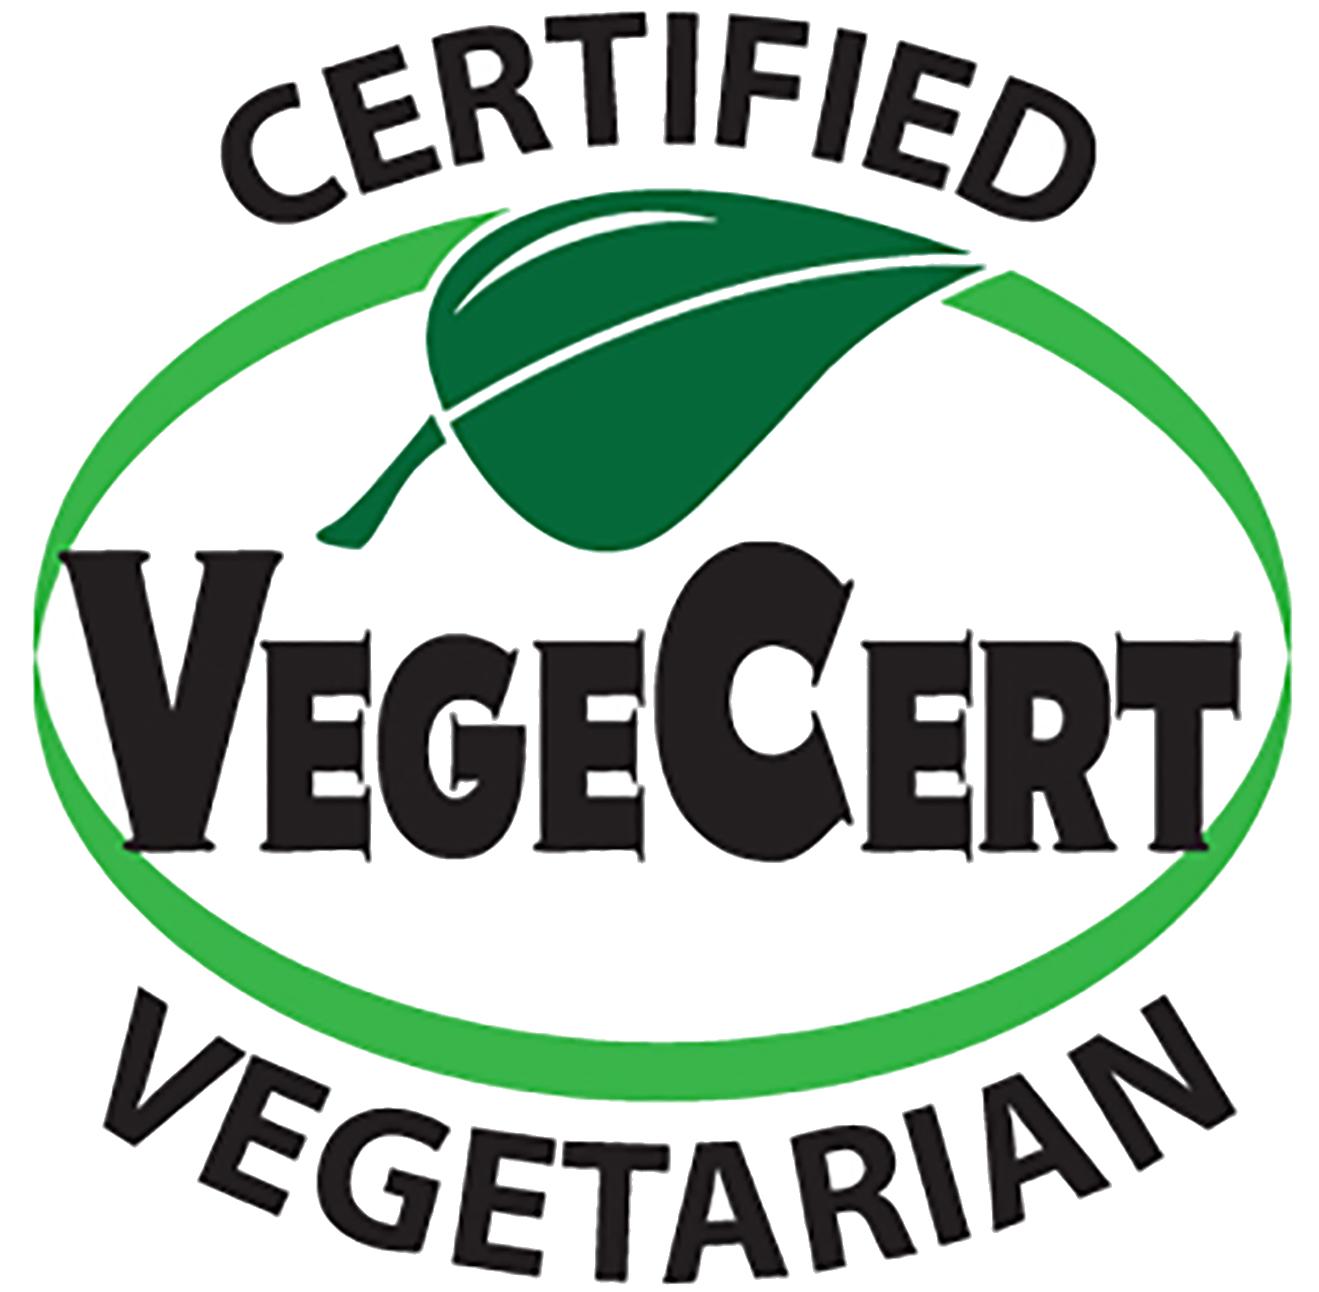 https://ksm66ashwagandhaa.com/wp-content/uploads/2021/08/Certifief-Vege-Cert.png